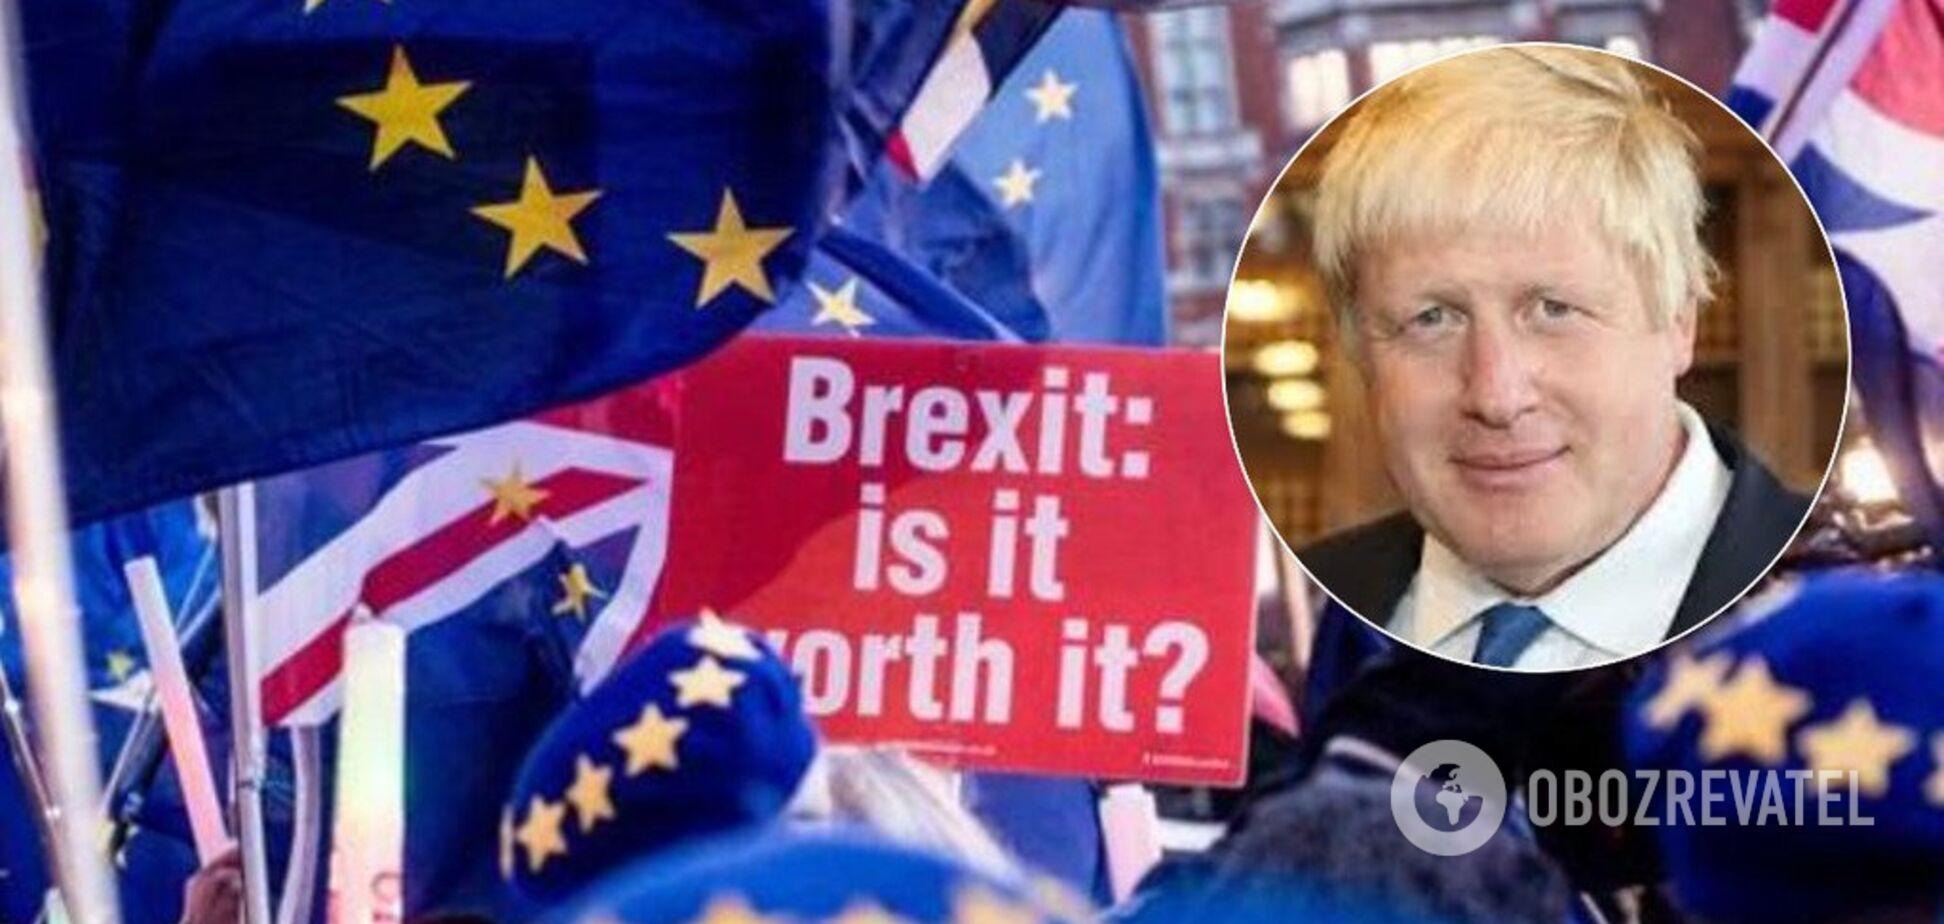 Борис Джонсон подписал закон о Brexit